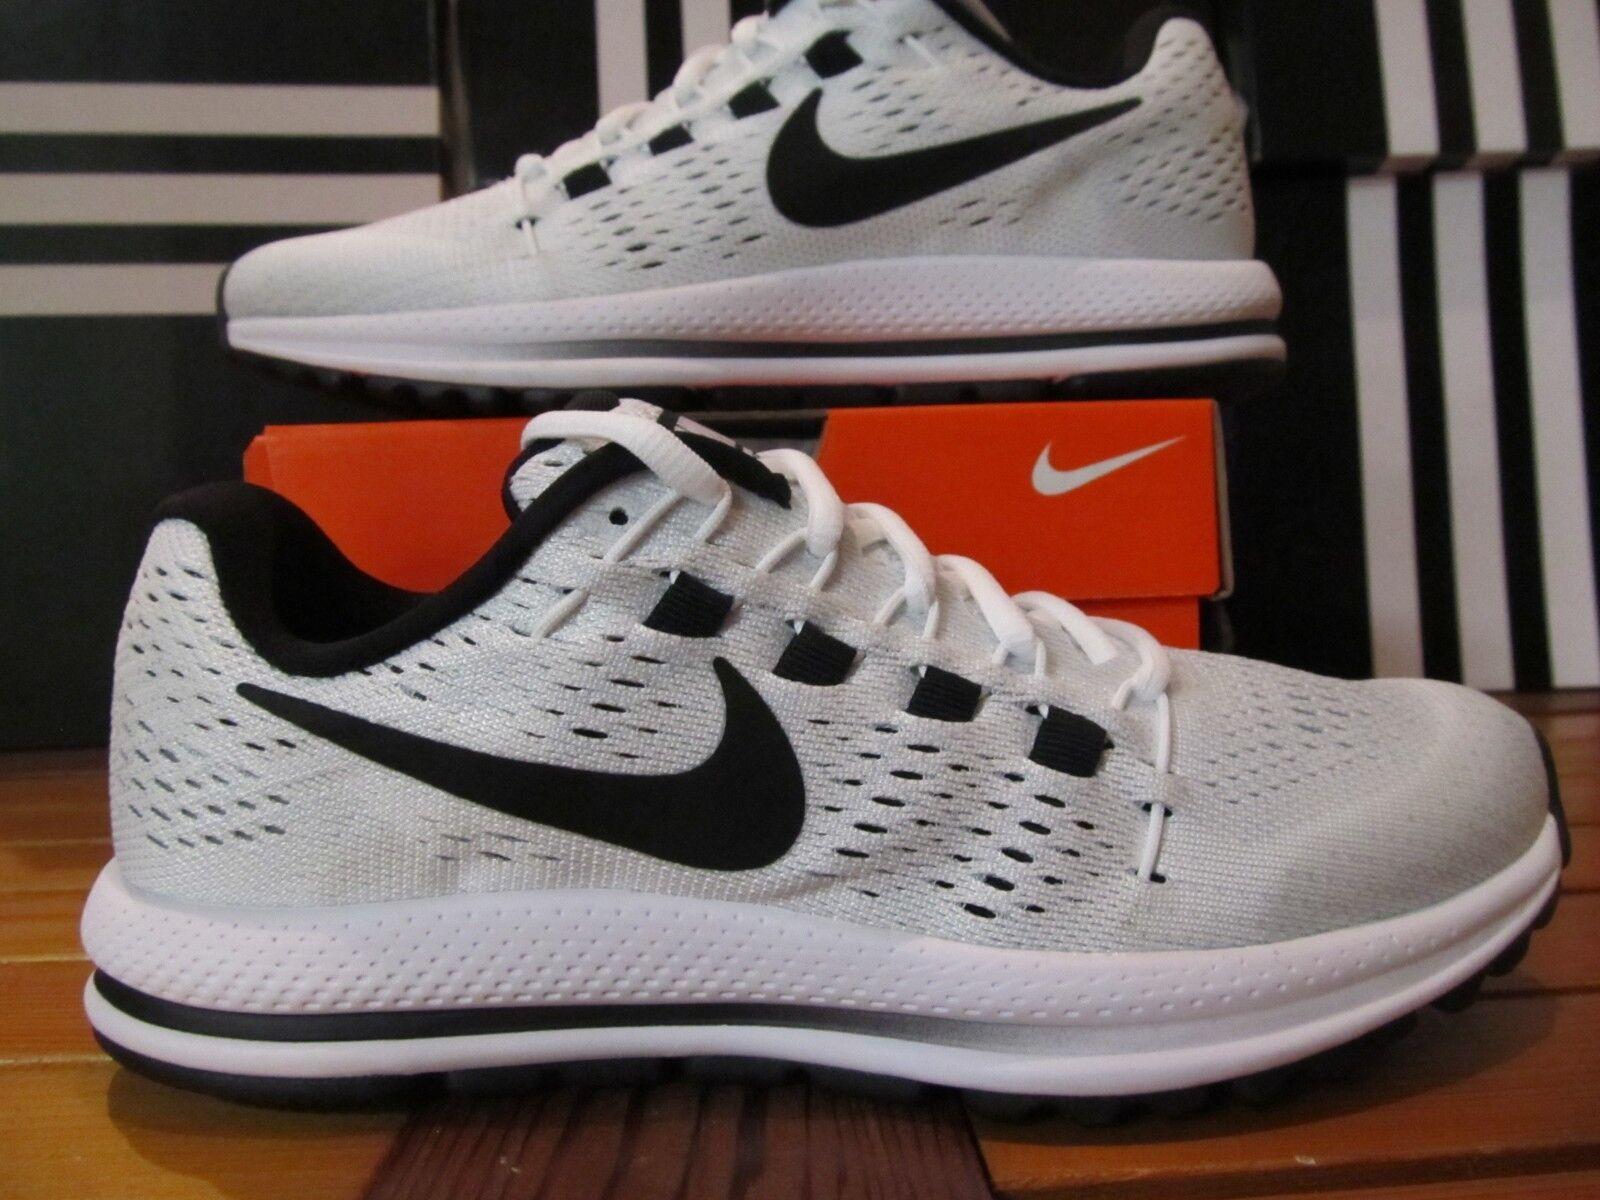 Donna Nike Air Zoom Vomero 12 bianca Nero Platnm 7.5 863766 100 Scarpe da Corsa | On-line  | Uomini/Donne Scarpa